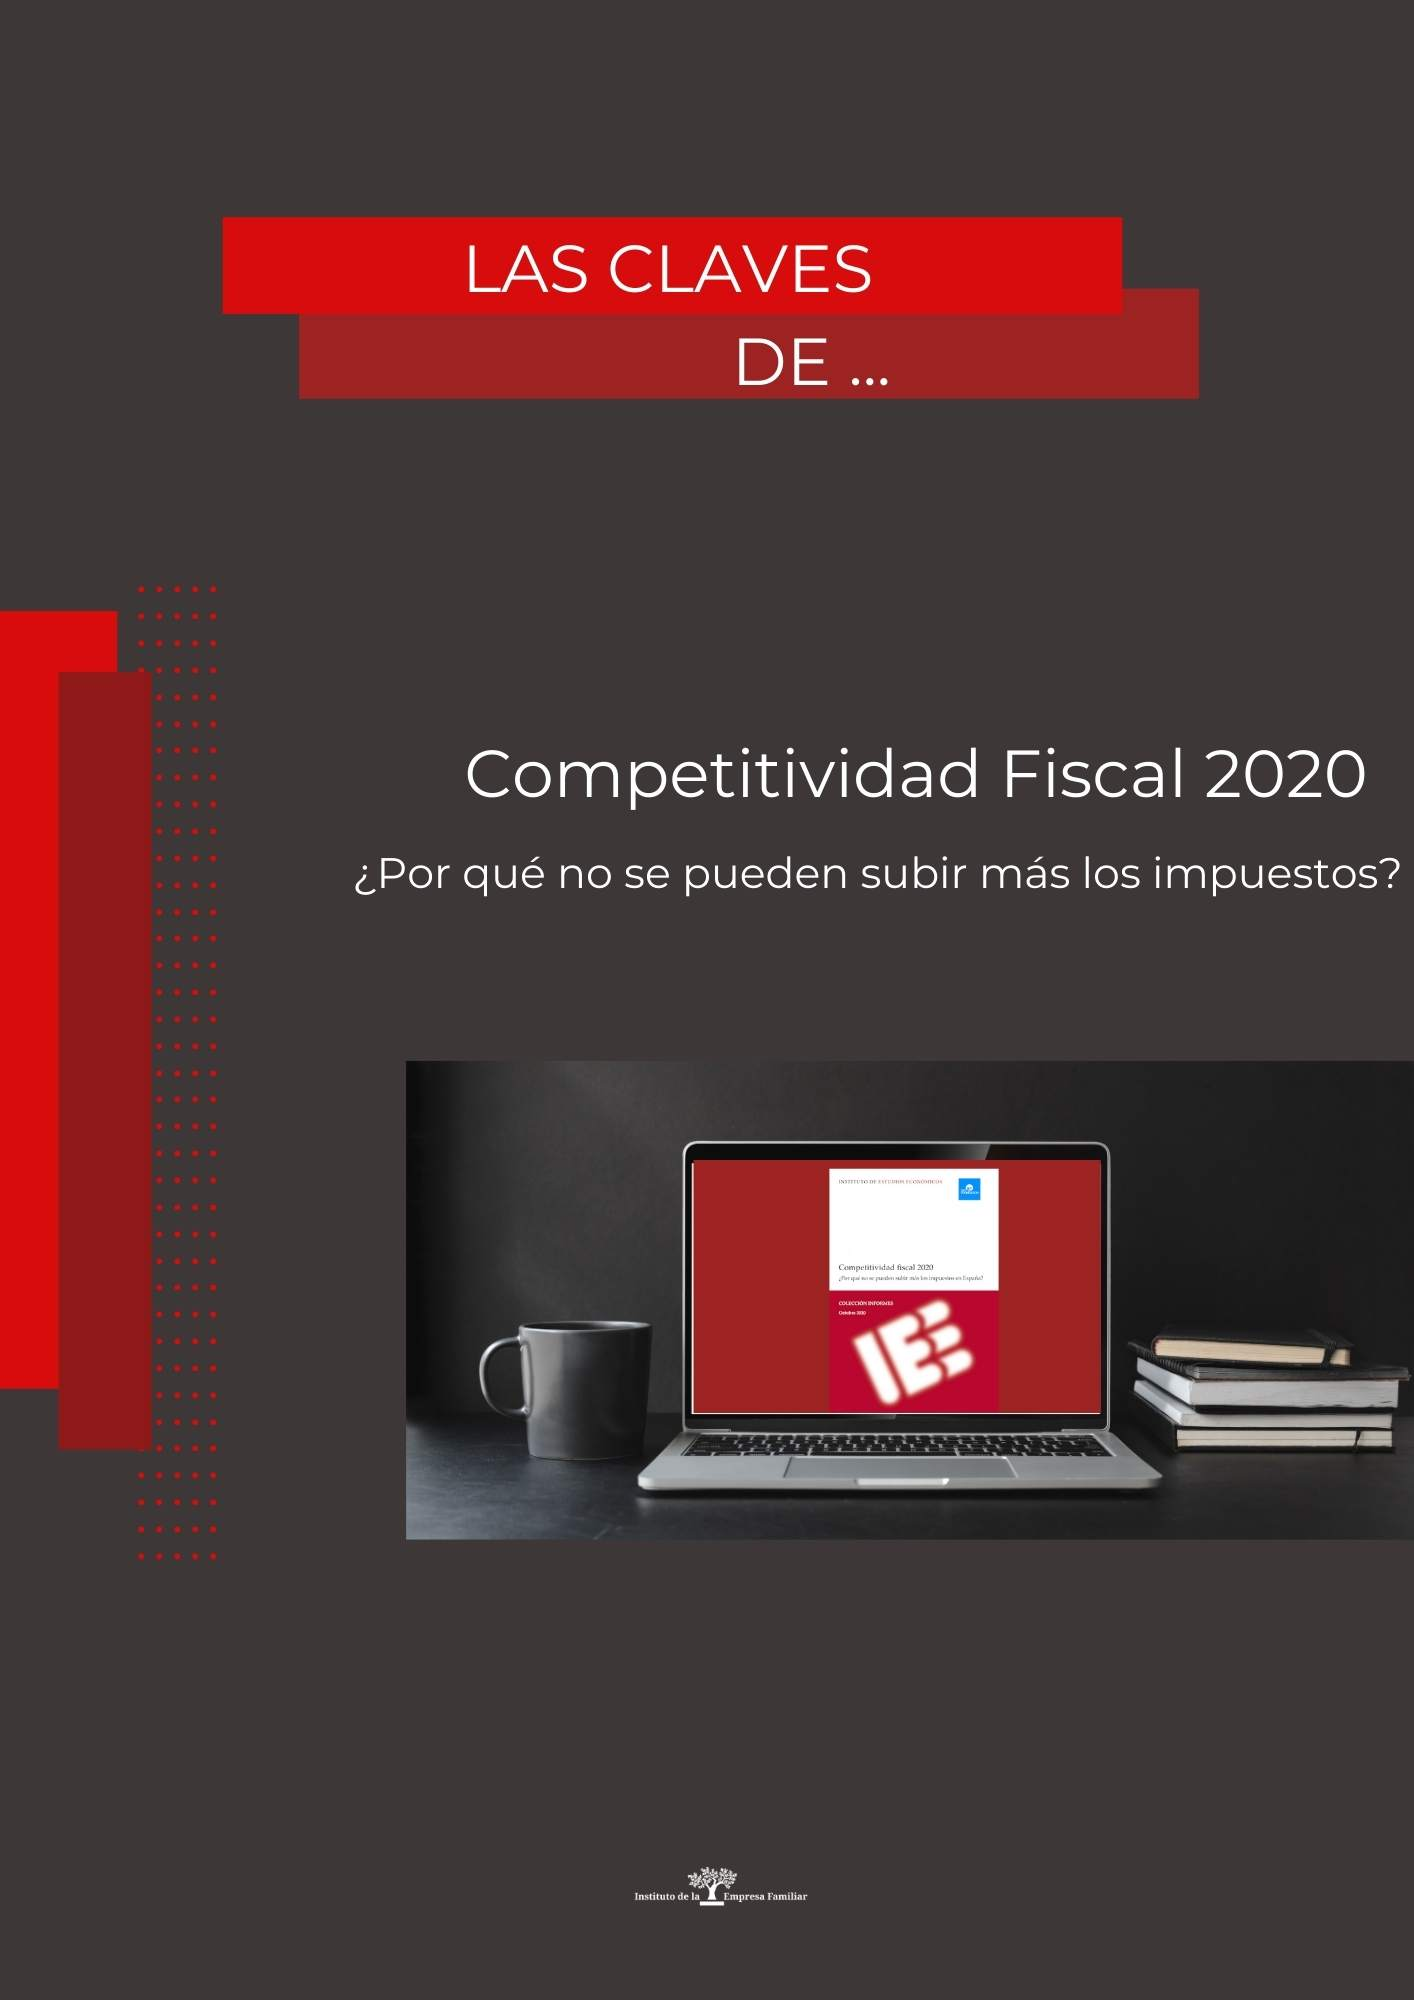 Las claves de la competitividad fiscal 2020